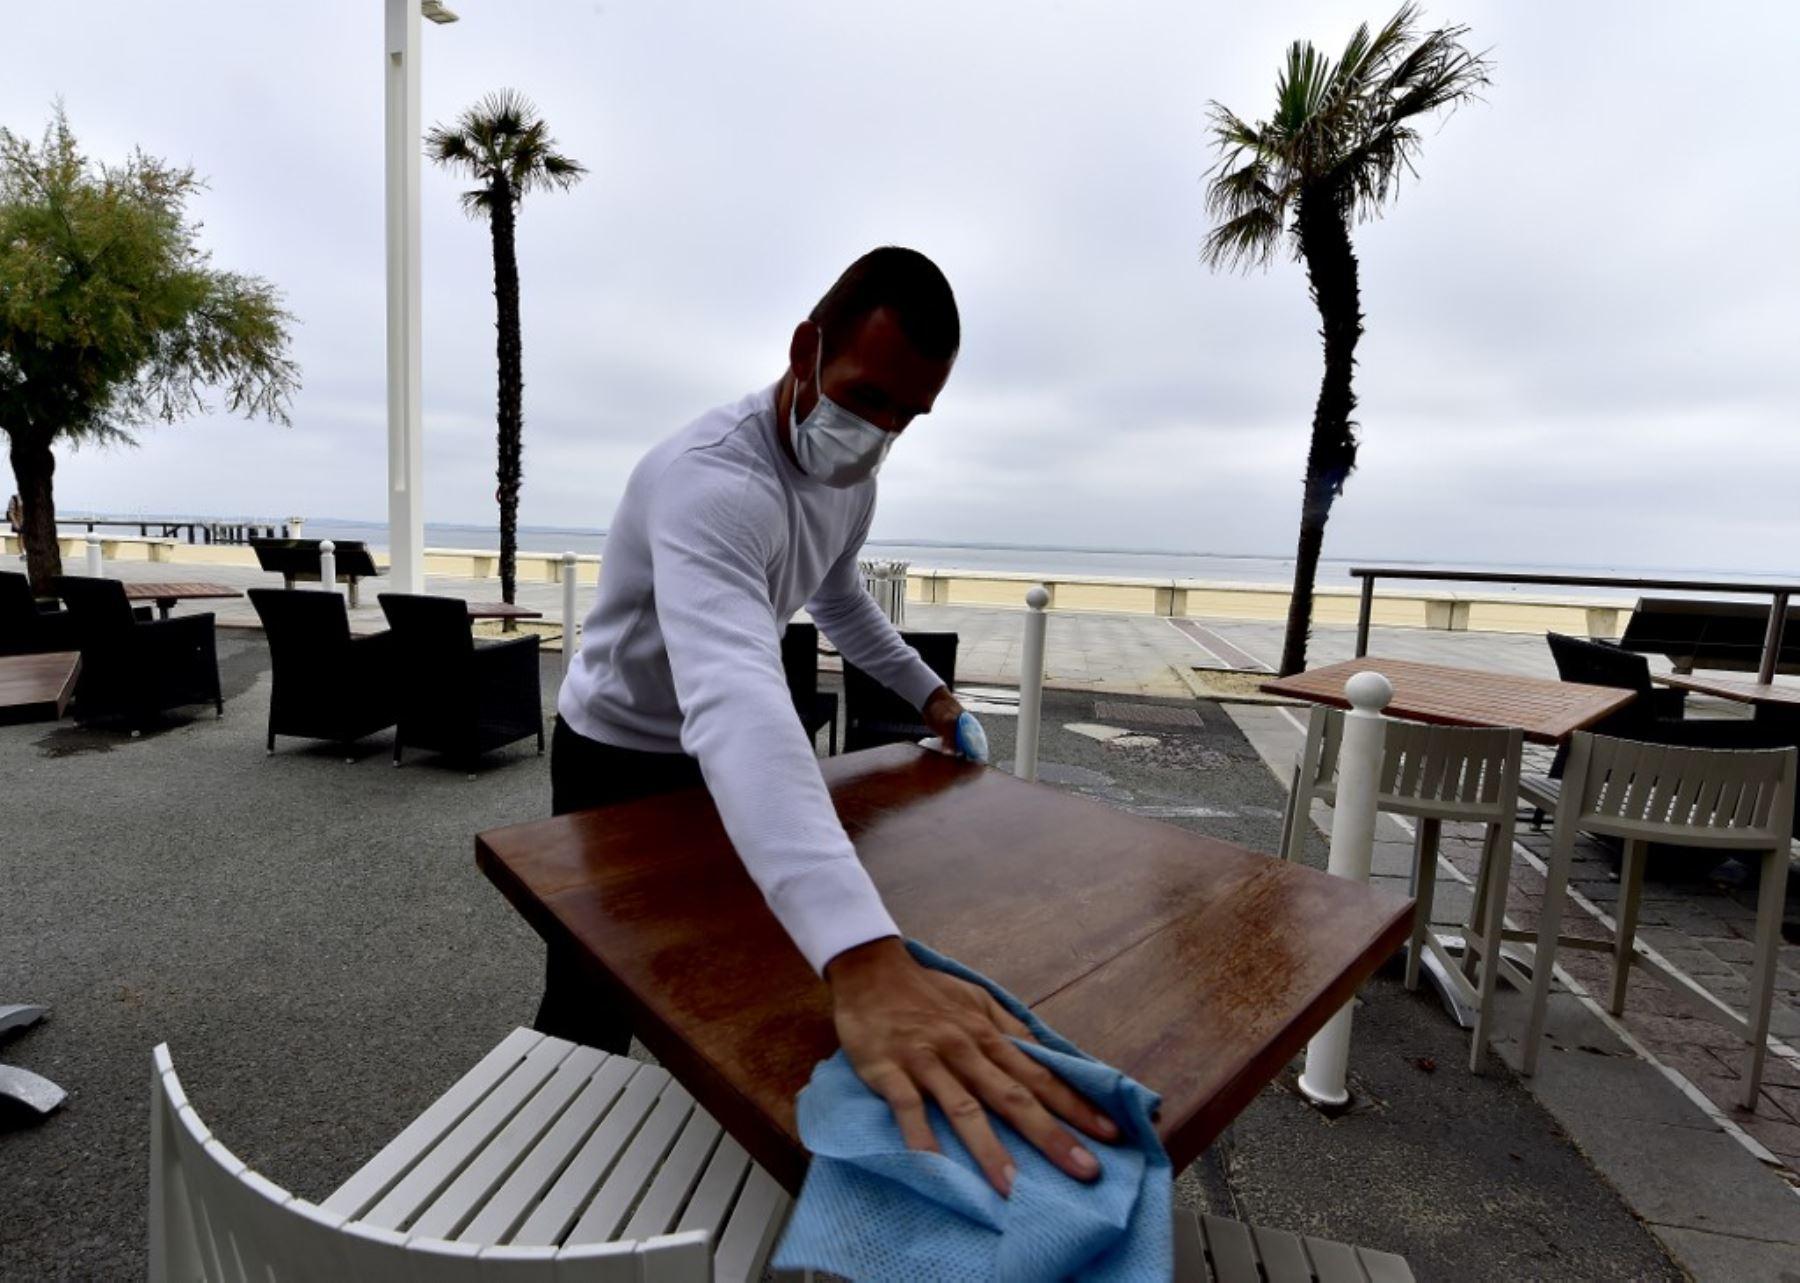 Un camarero con una máscara desinfecta una mesa en una terraza de un restaurante en Arcachon. Foto: AFP